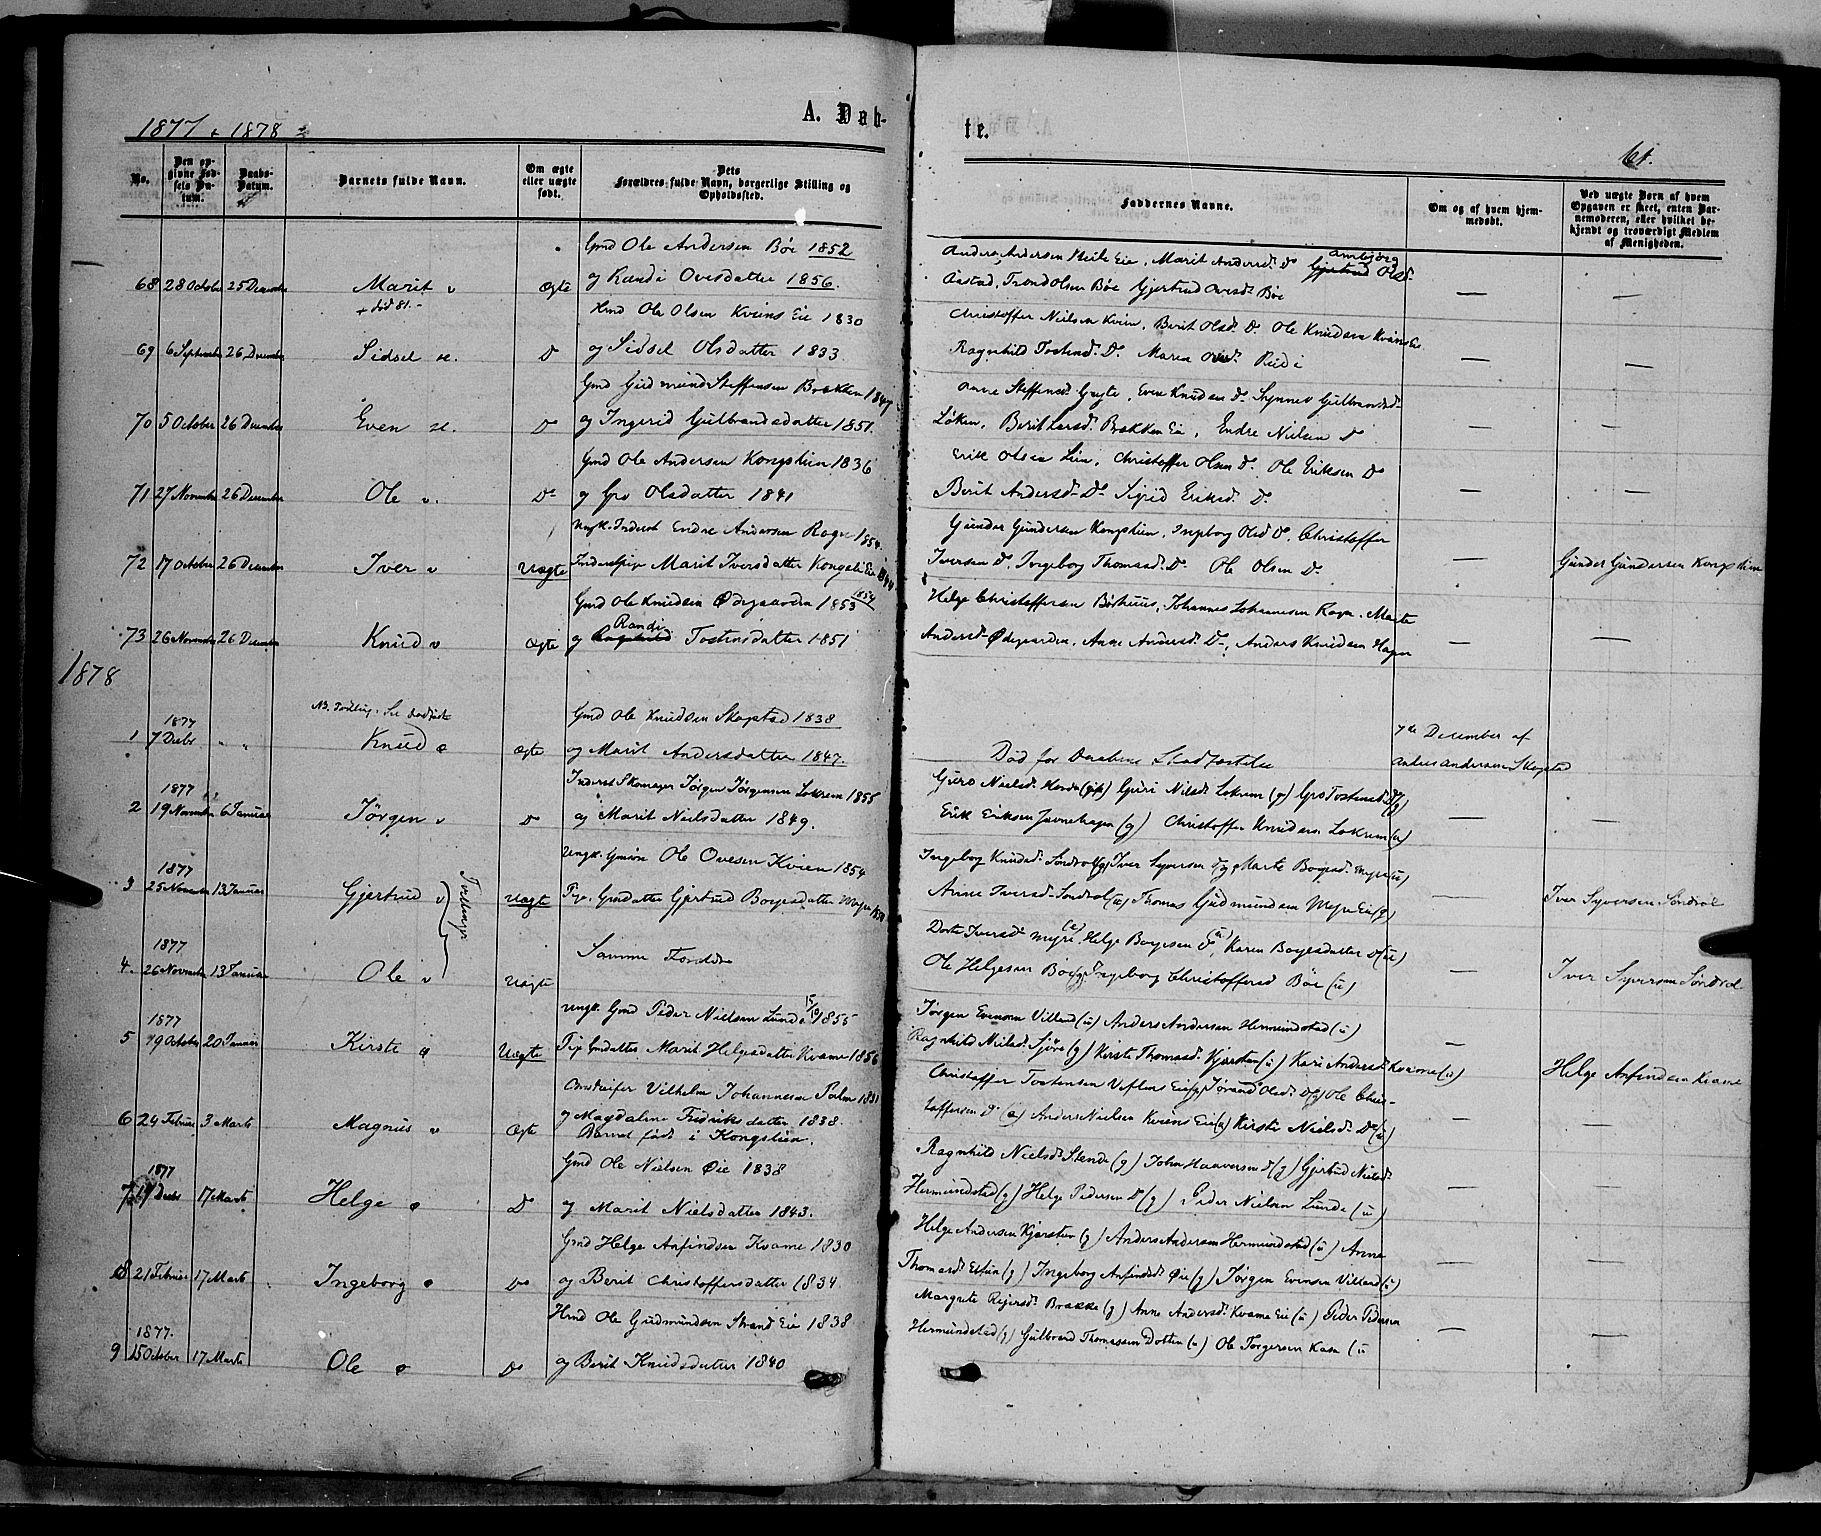 SAH, Vang prestekontor, Valdres, Ministerialbok nr. 7, 1865-1881, s. 61